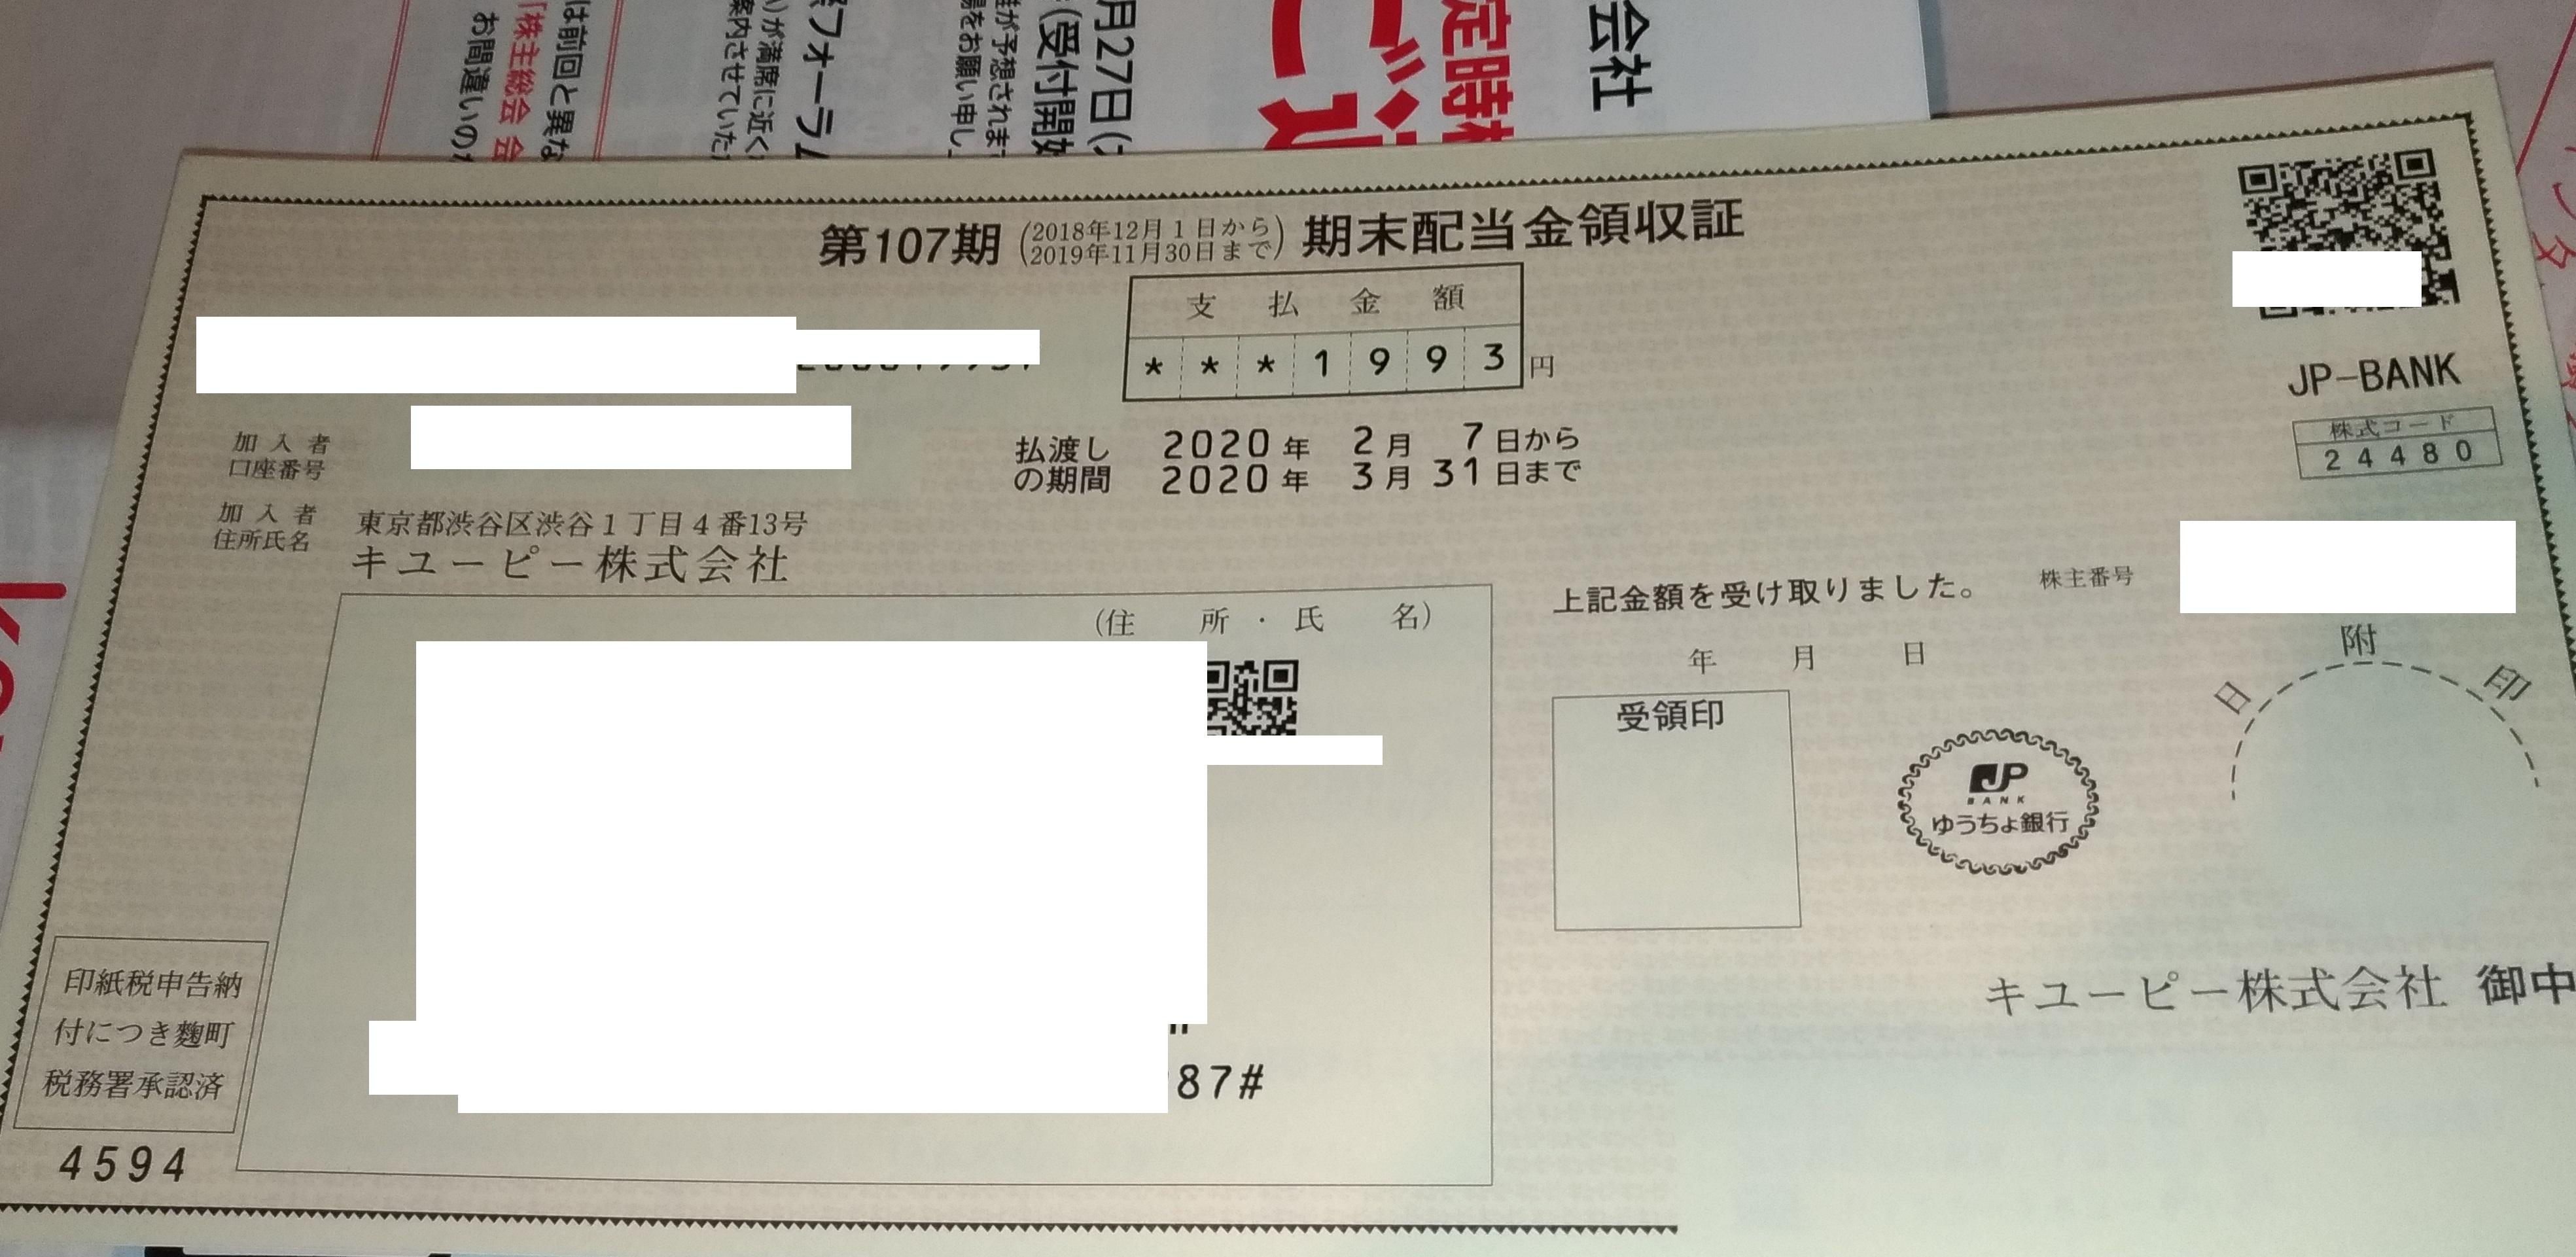 kabu_haito_kyupi_2020_02.jpg